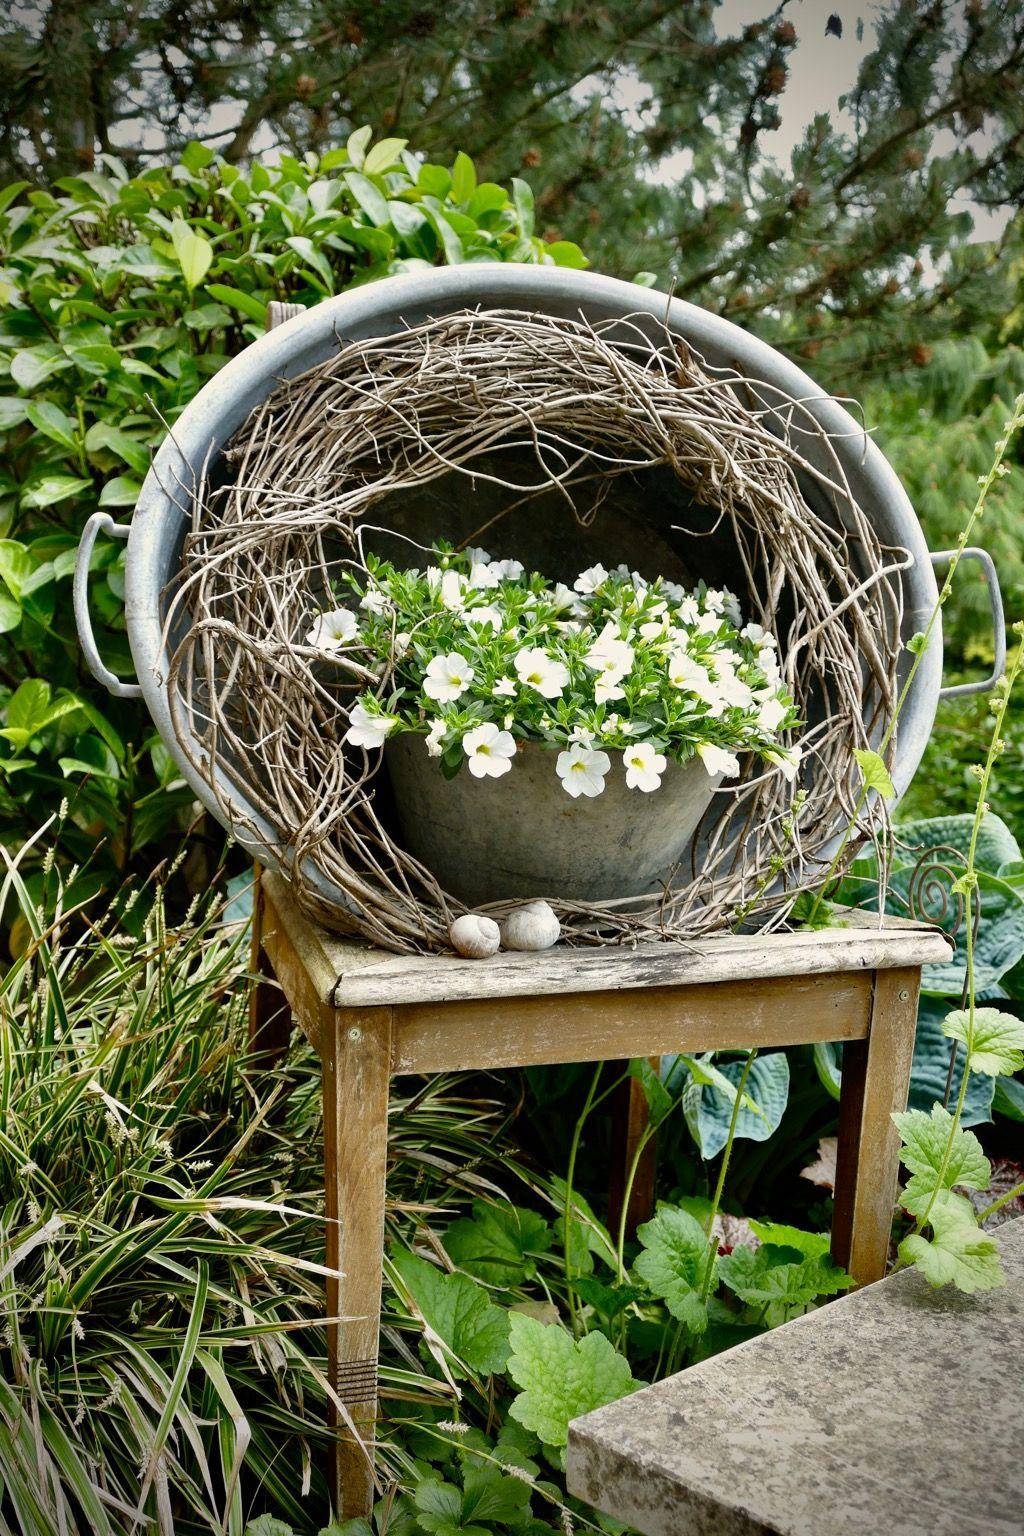 Garten-Impressionen im Juni - Karin Urban - NaturalSTyle